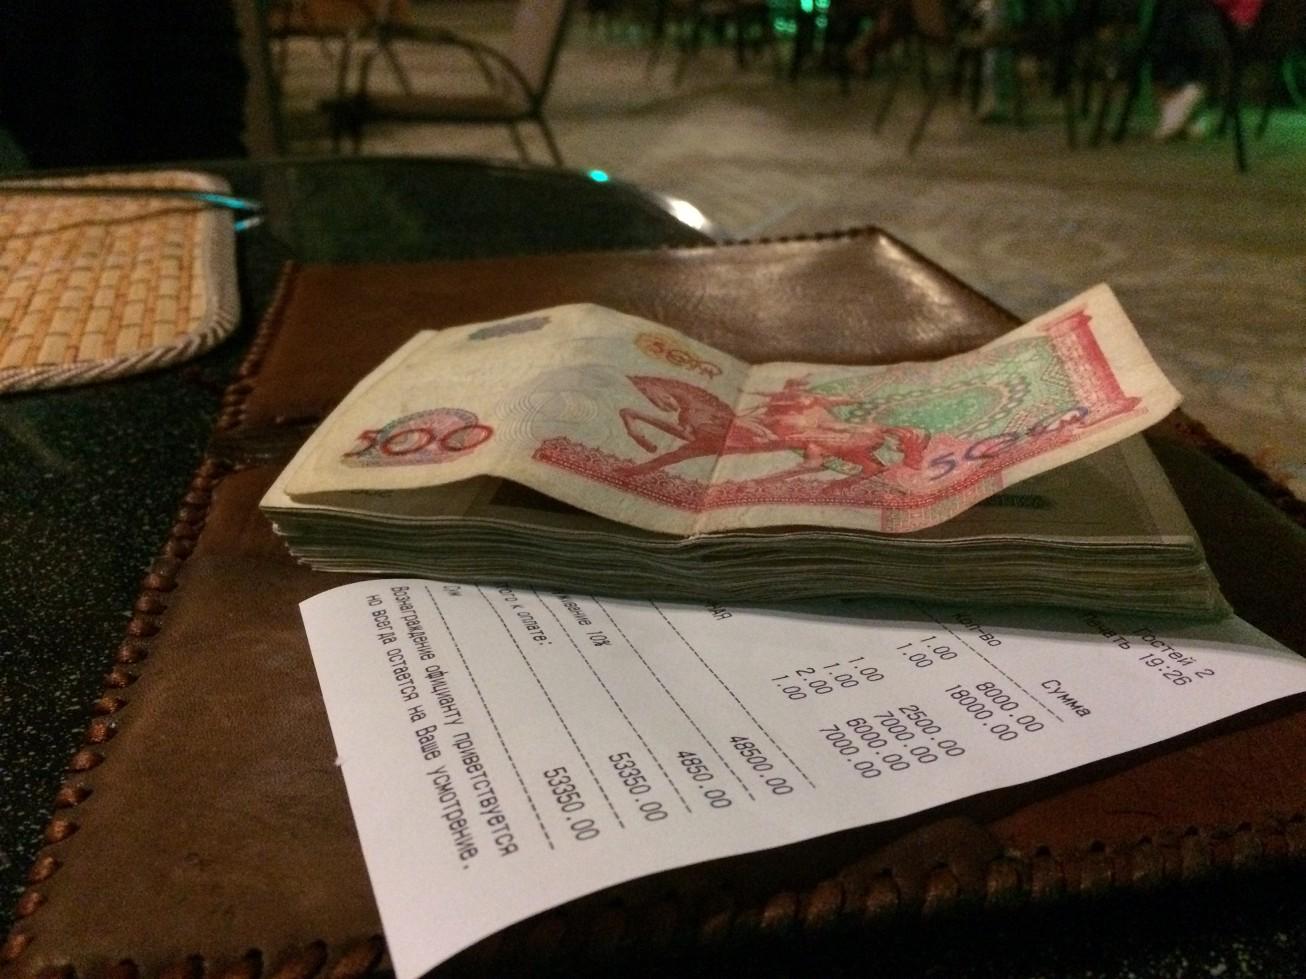 吃了一頓台幣270元的晚餐,就可以付掉這樣一疊鈔票...